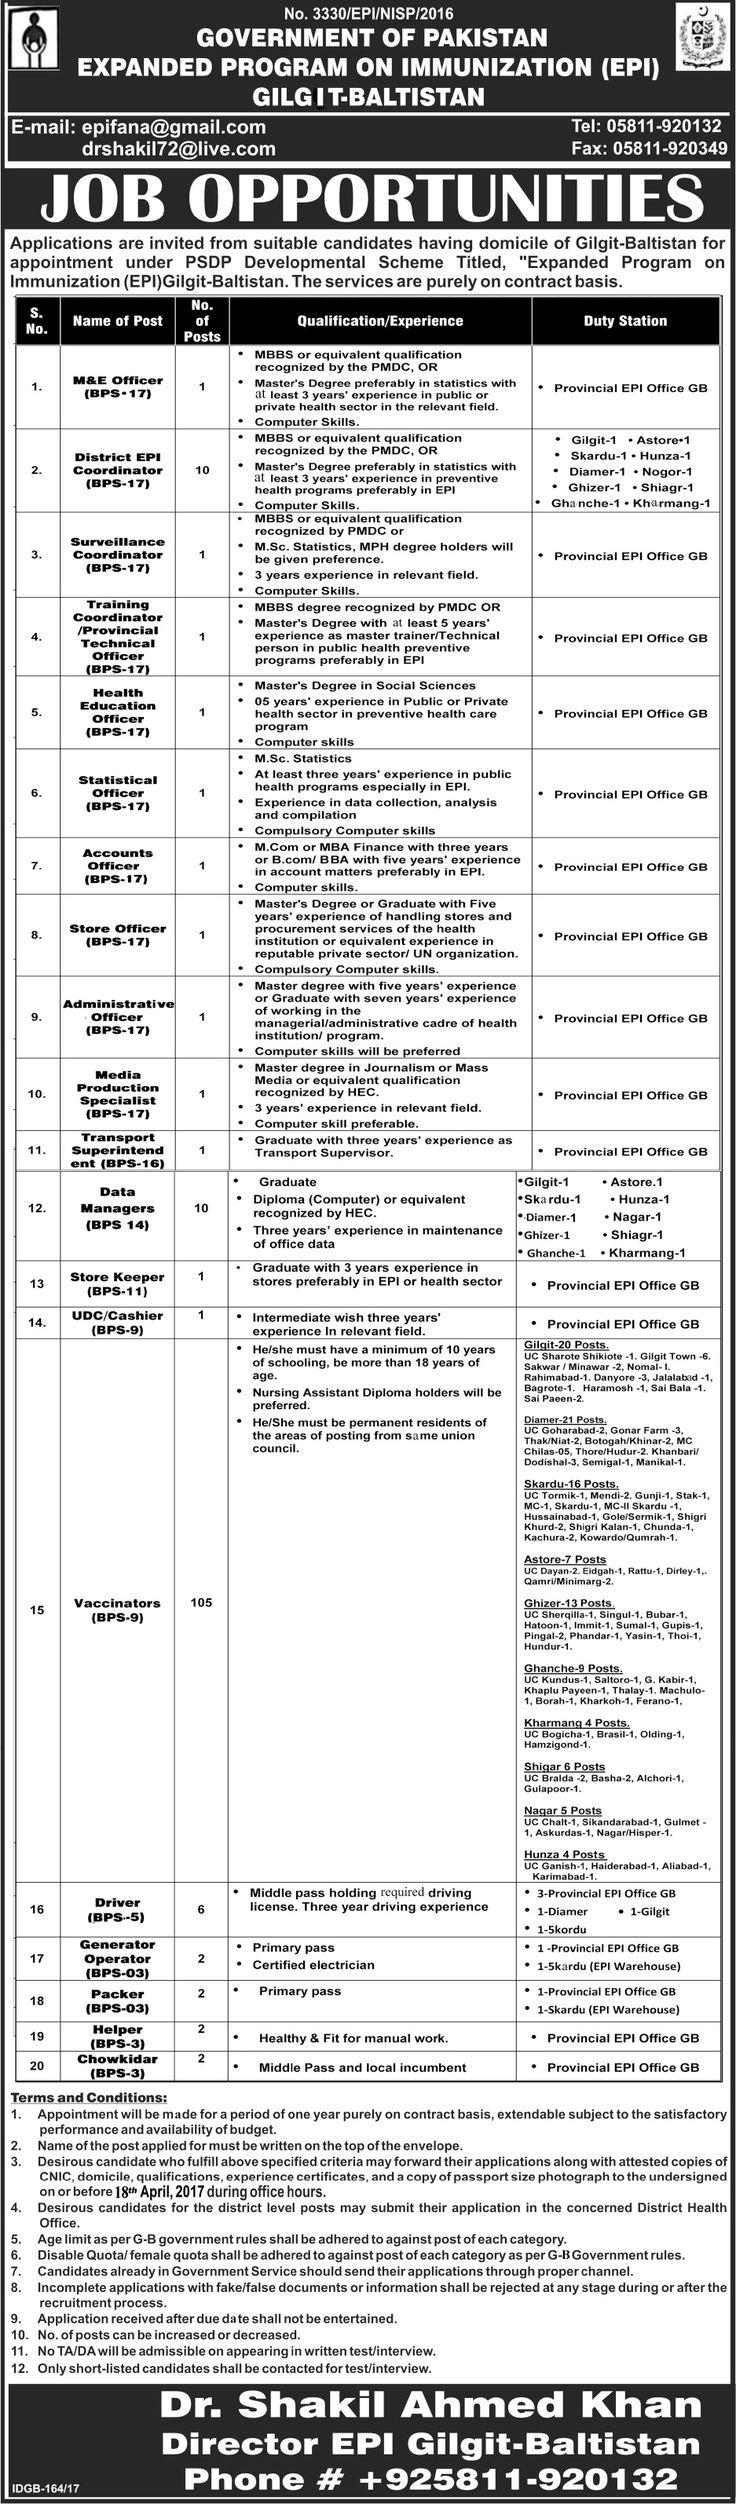 Pin on Pakistan Universities Network